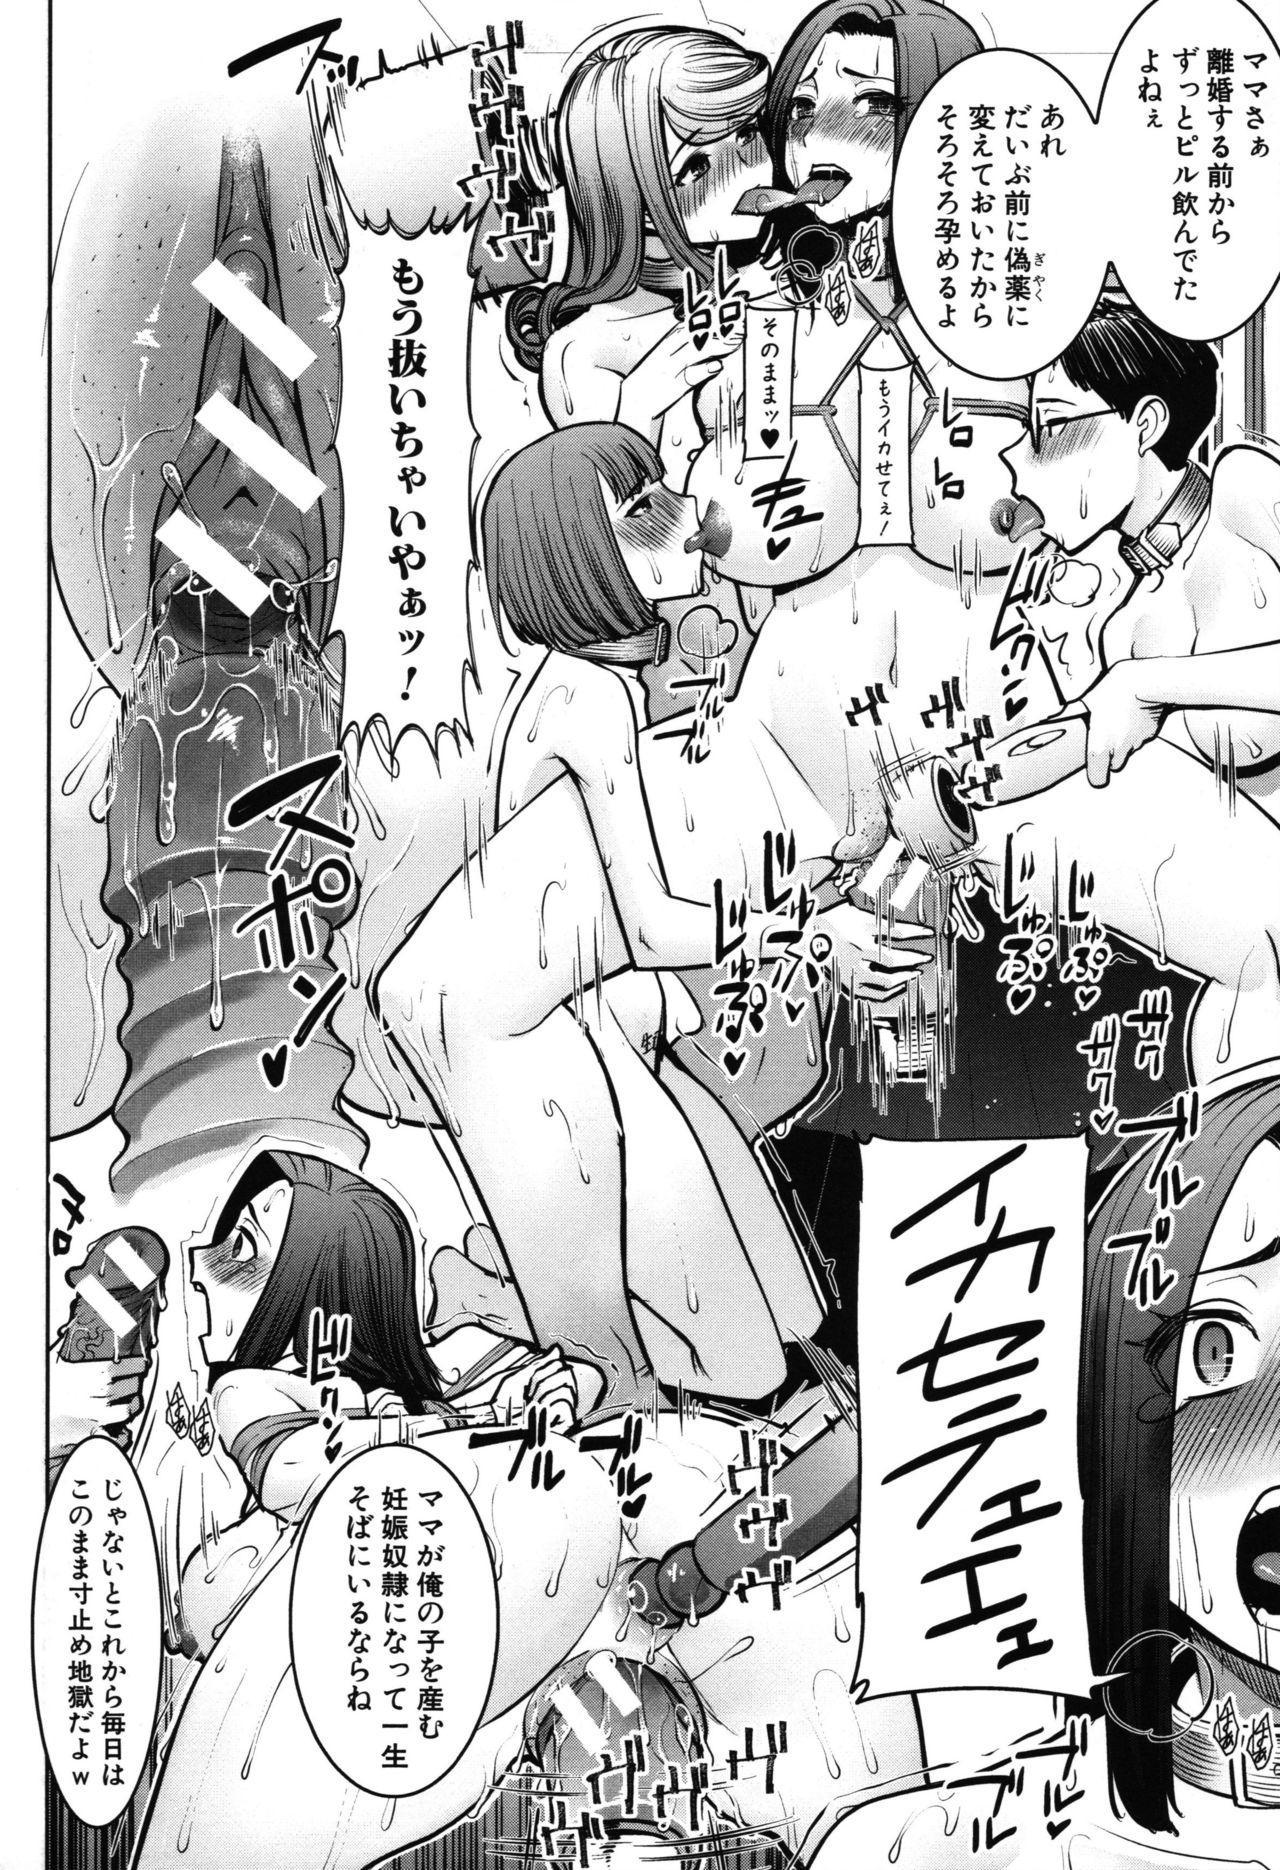 Unsweet - Asahina Ikka Netorareta Haha · Tomoko 185